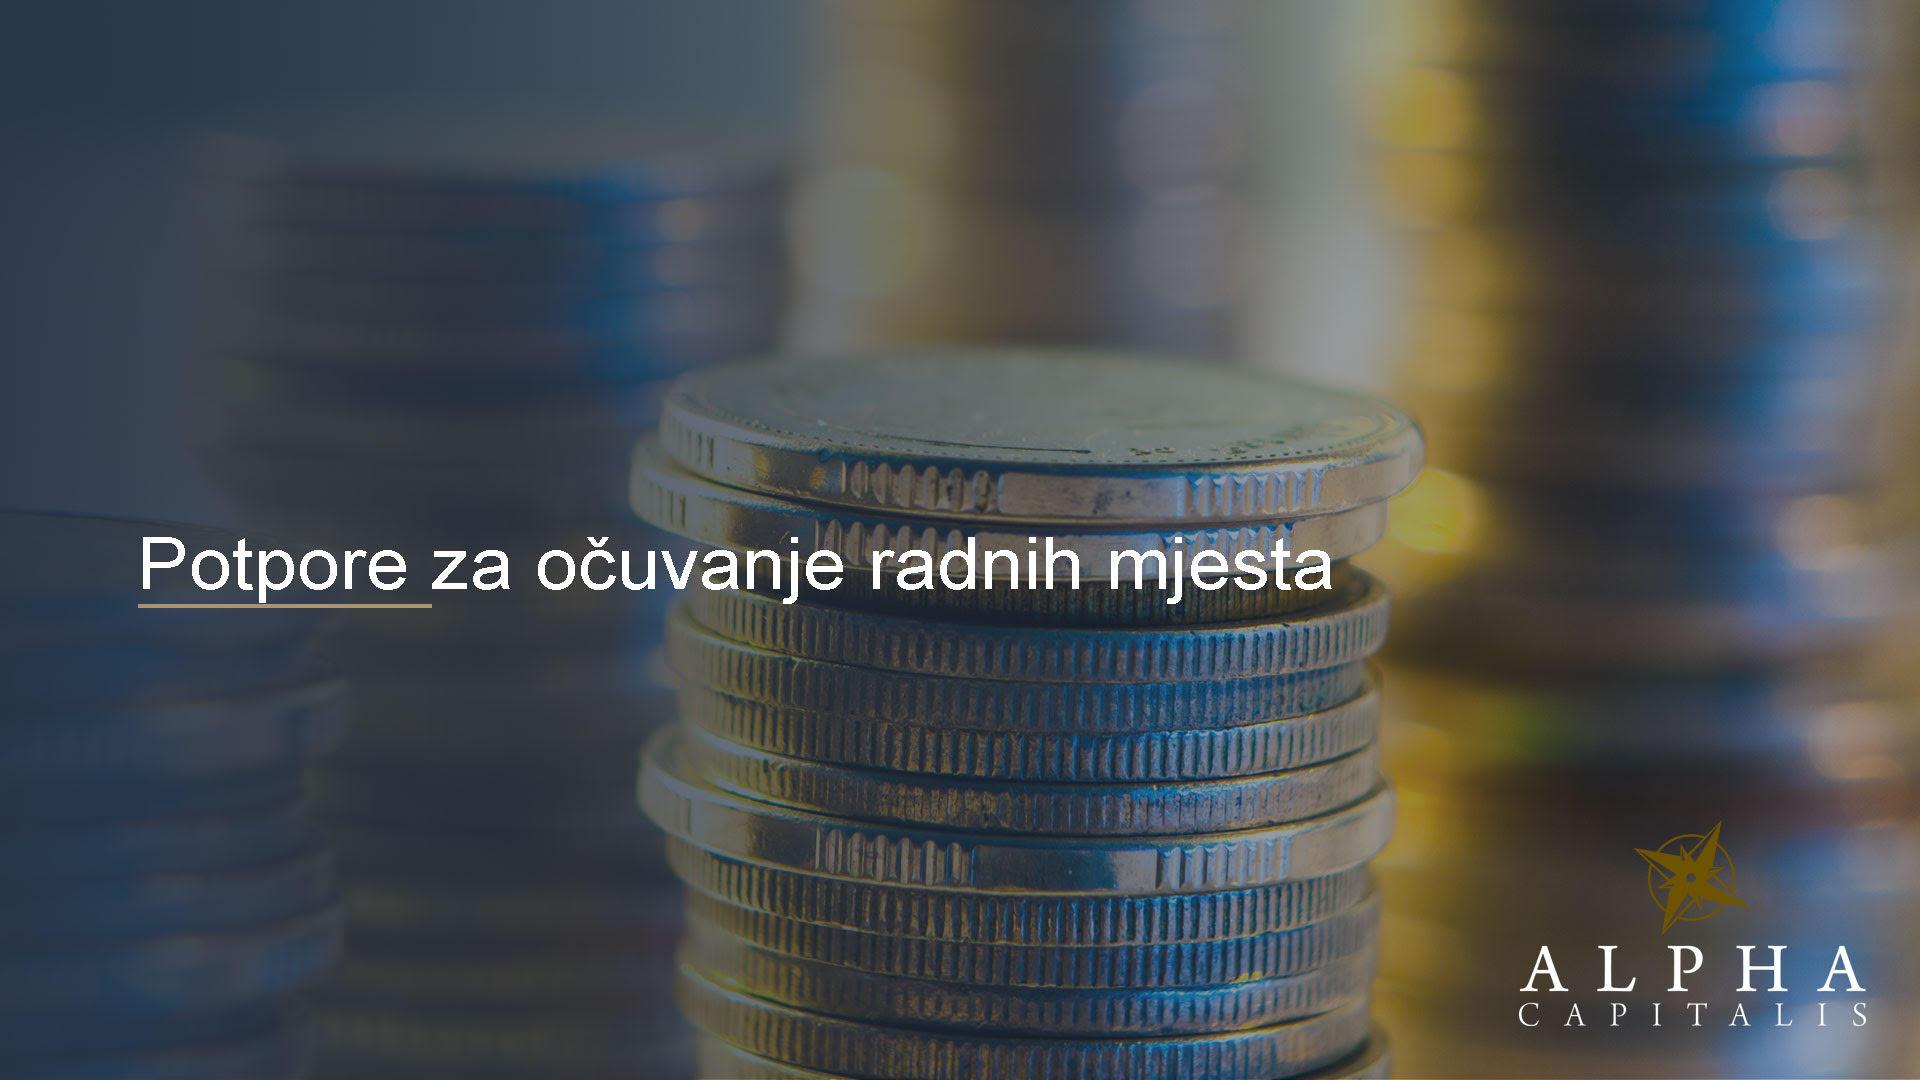 Alpha capitalis-novosti-potpore za očuvanje radnih mjesta